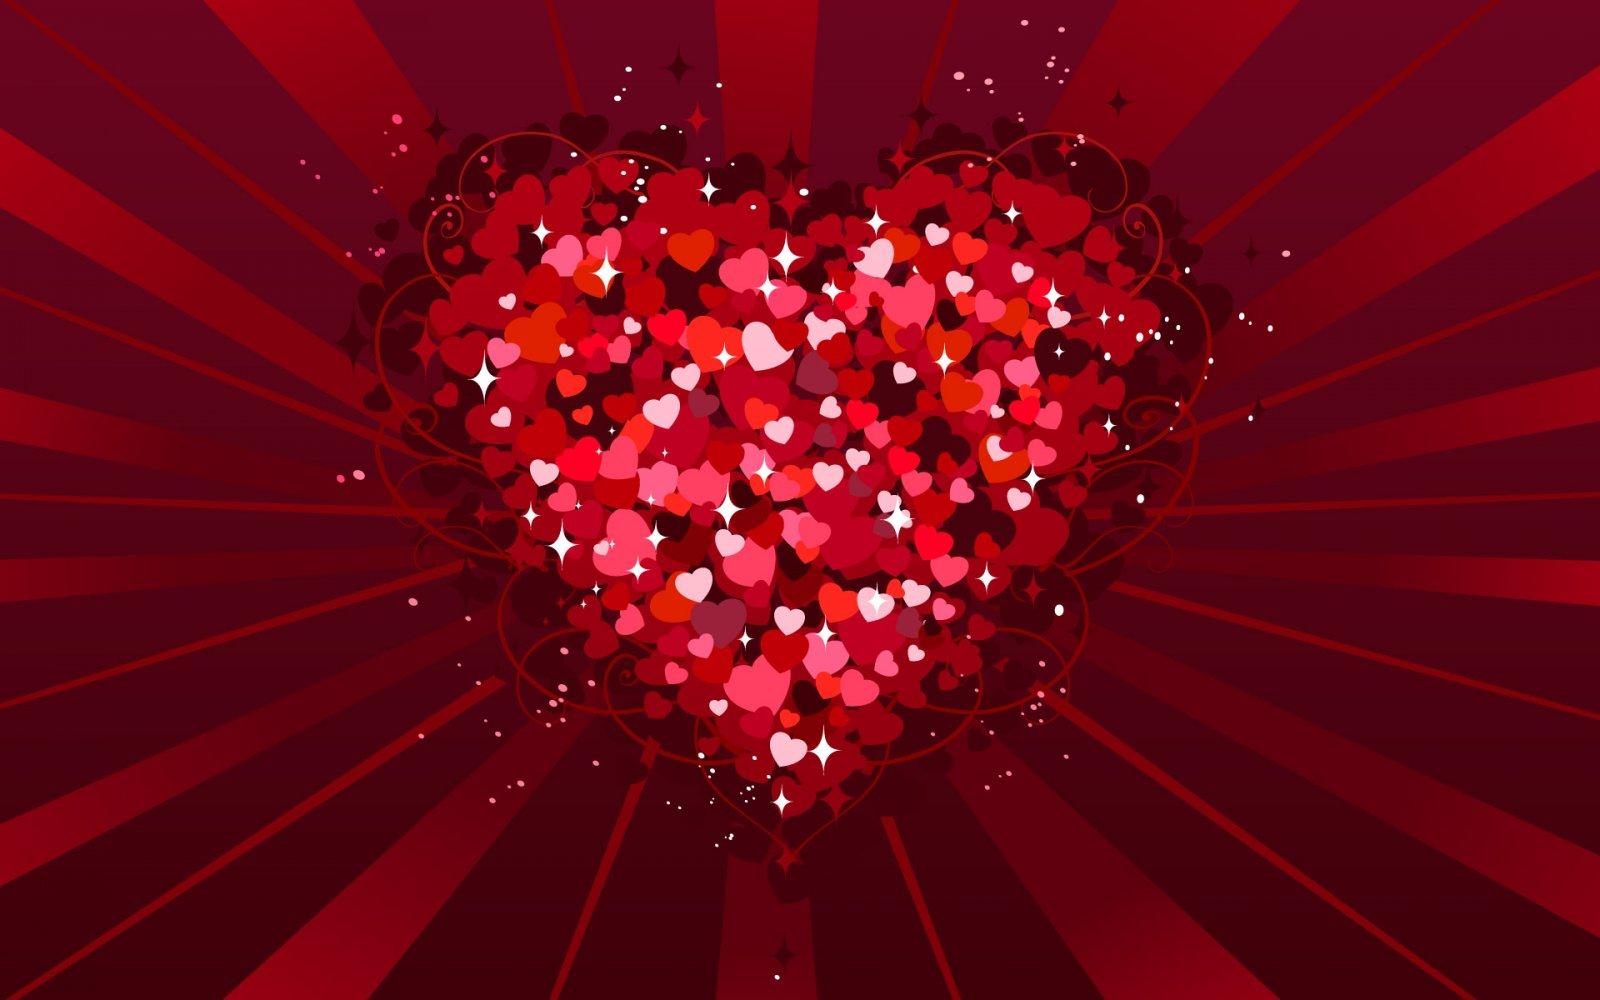 Imágenes San Valentin Día de los Enamorados 14 de febreron